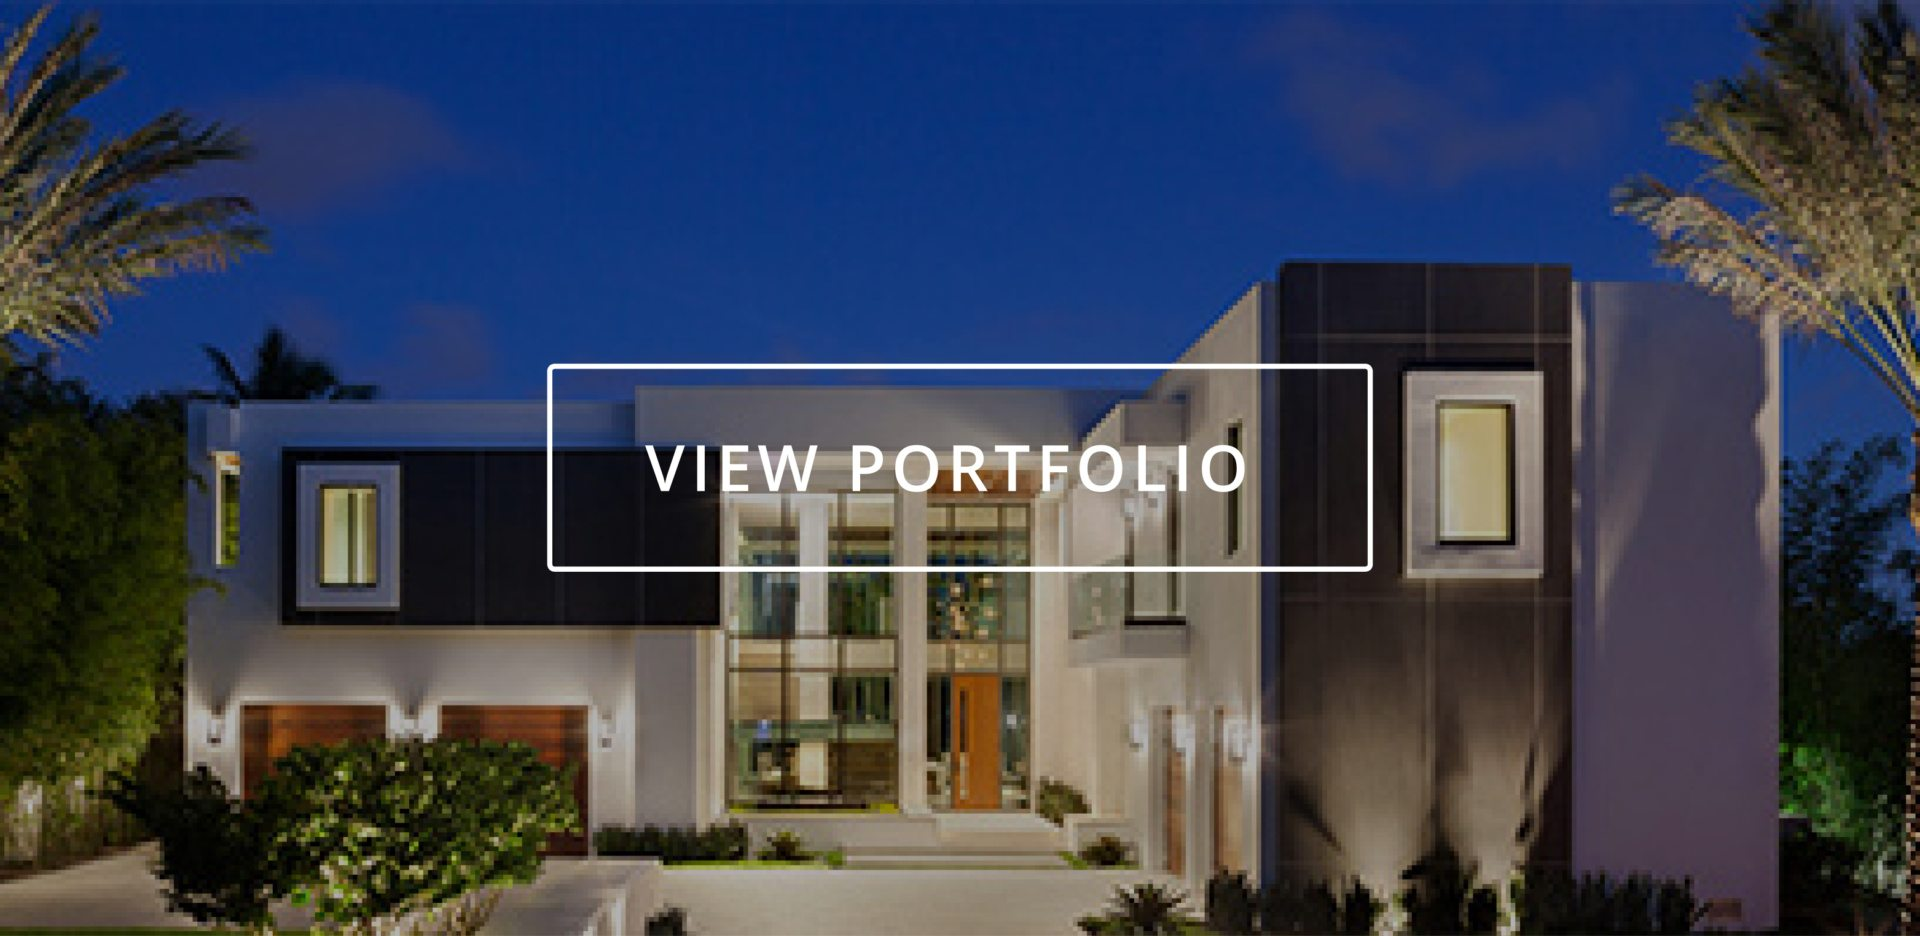 View Portfolio